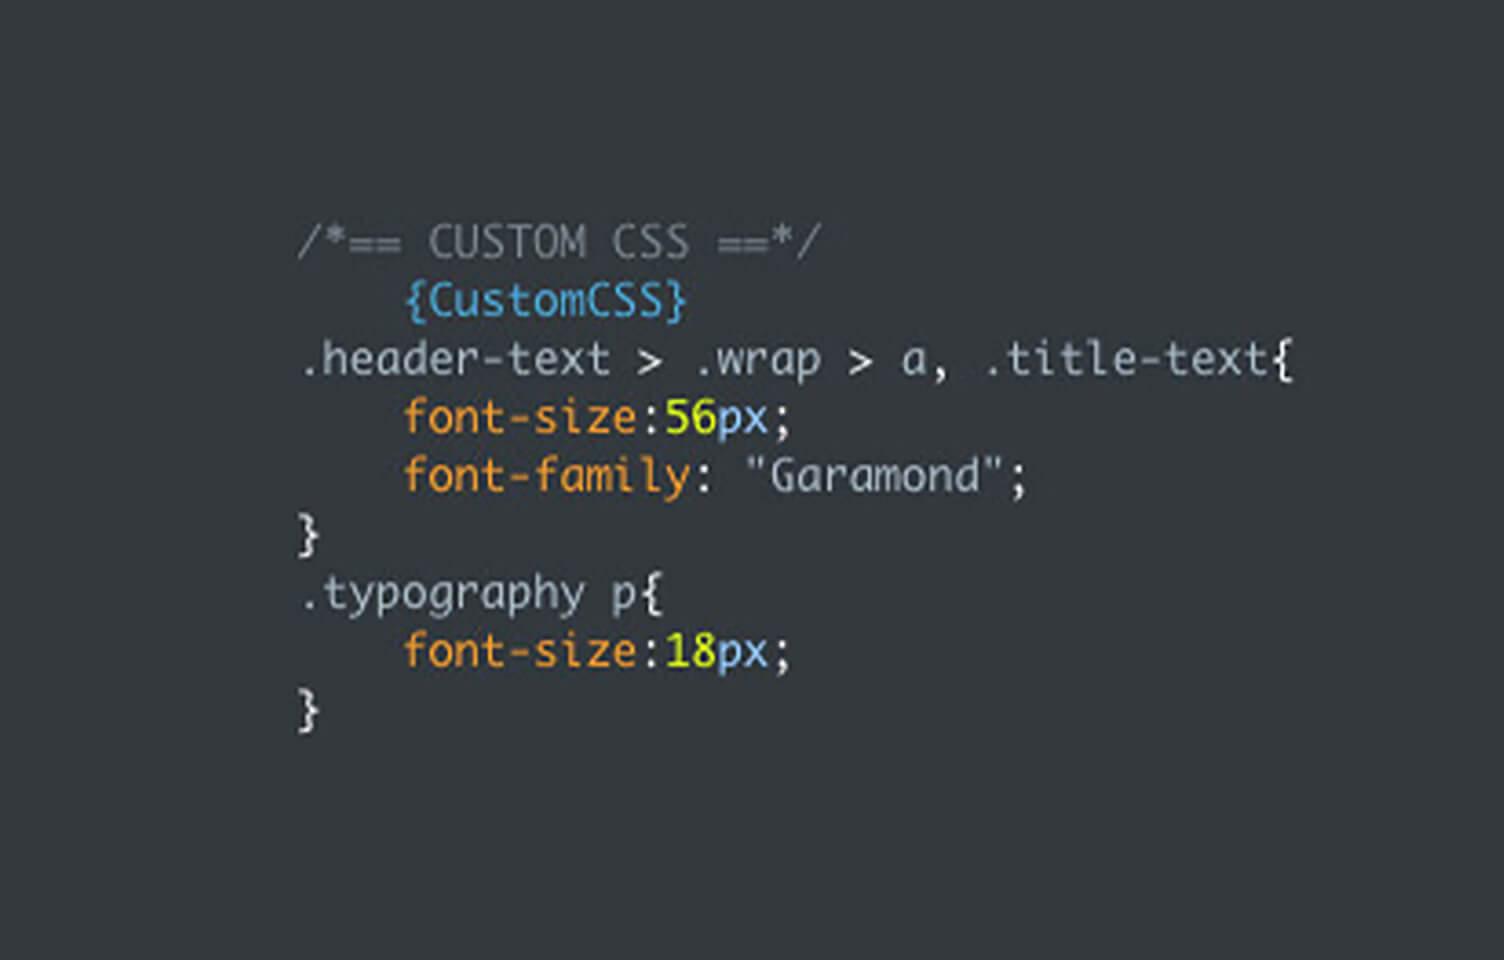 ブラウザの機能を使い、クラス名を調べて、直接CSSを記述します。